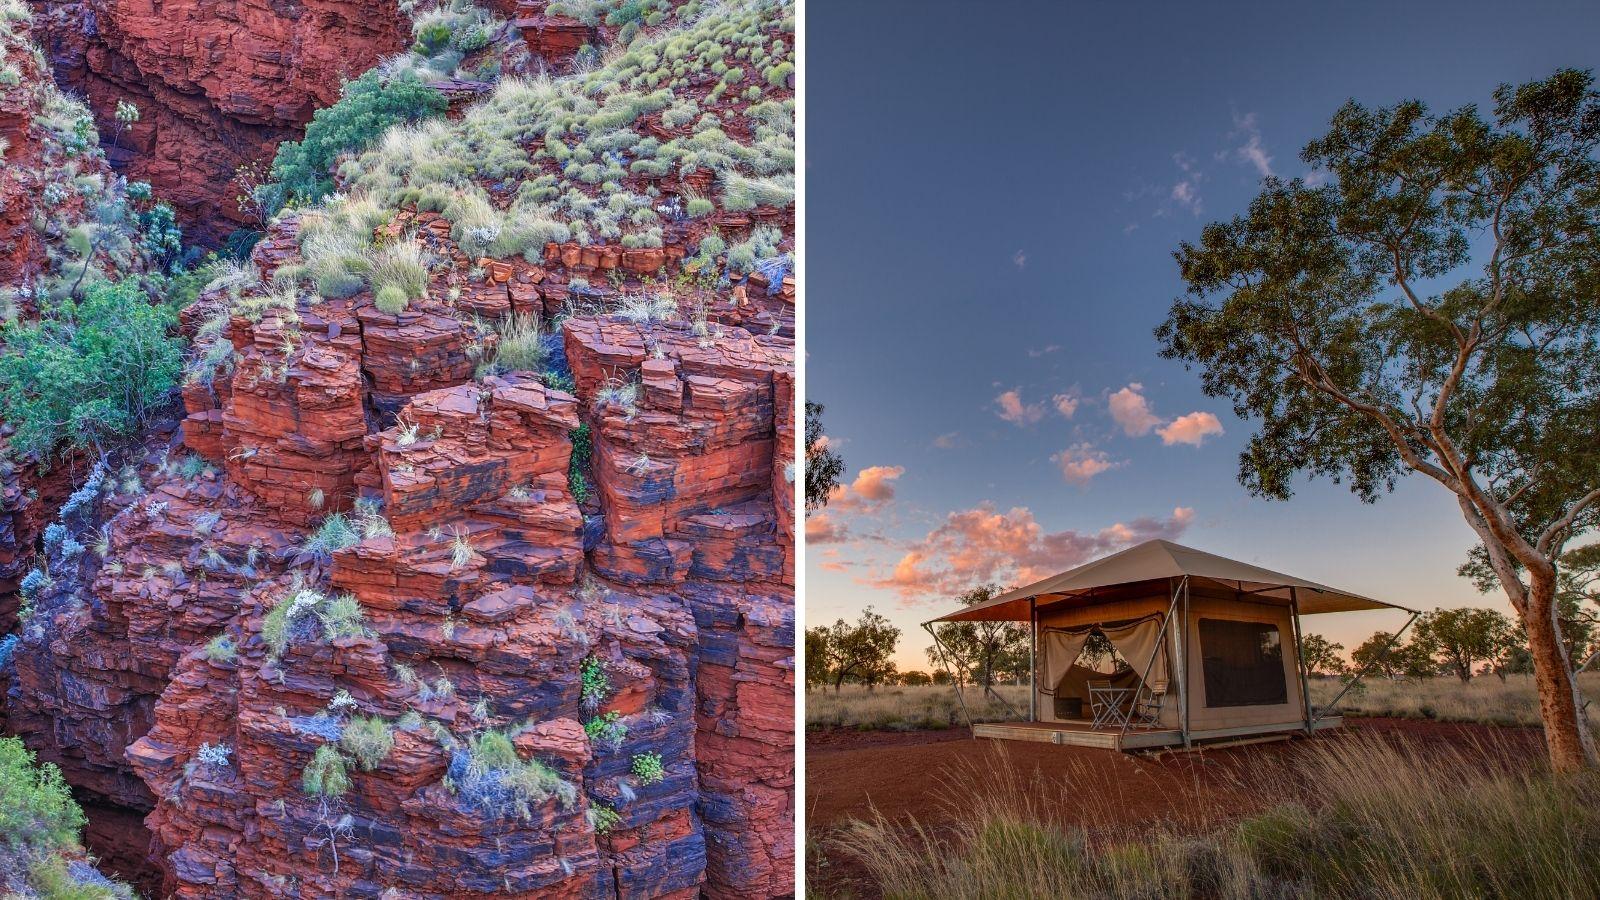 cảnh quan du lịch đẹp như tranh của Karijini Australia